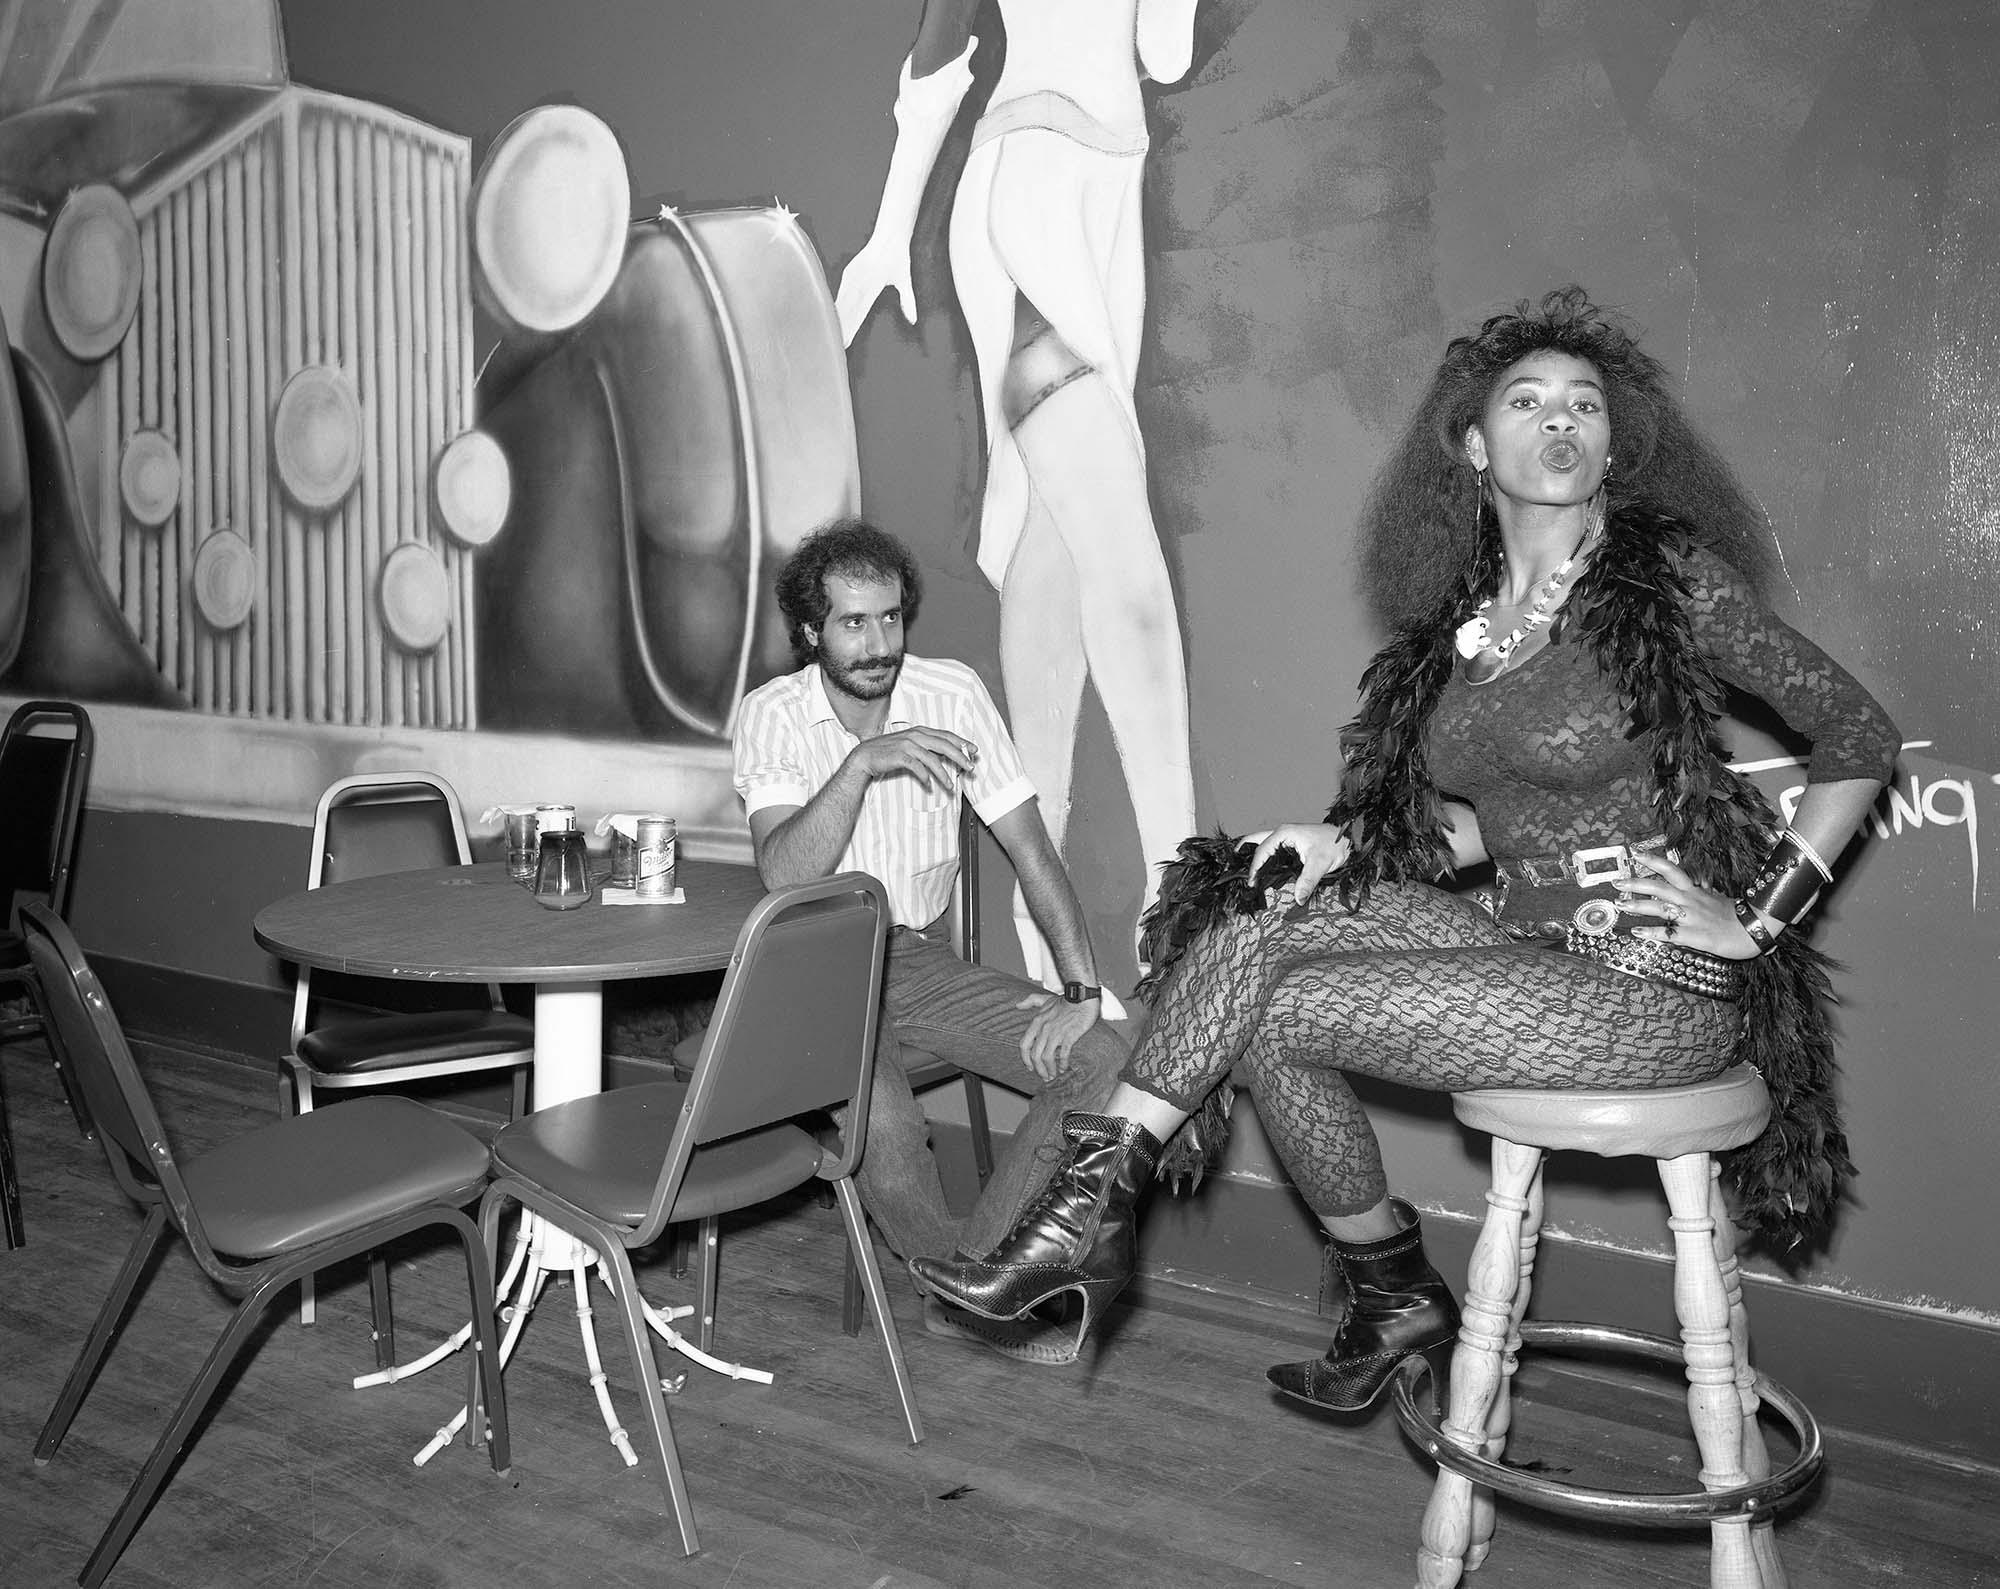 Mounsors Club, Monroe, La., 1985.